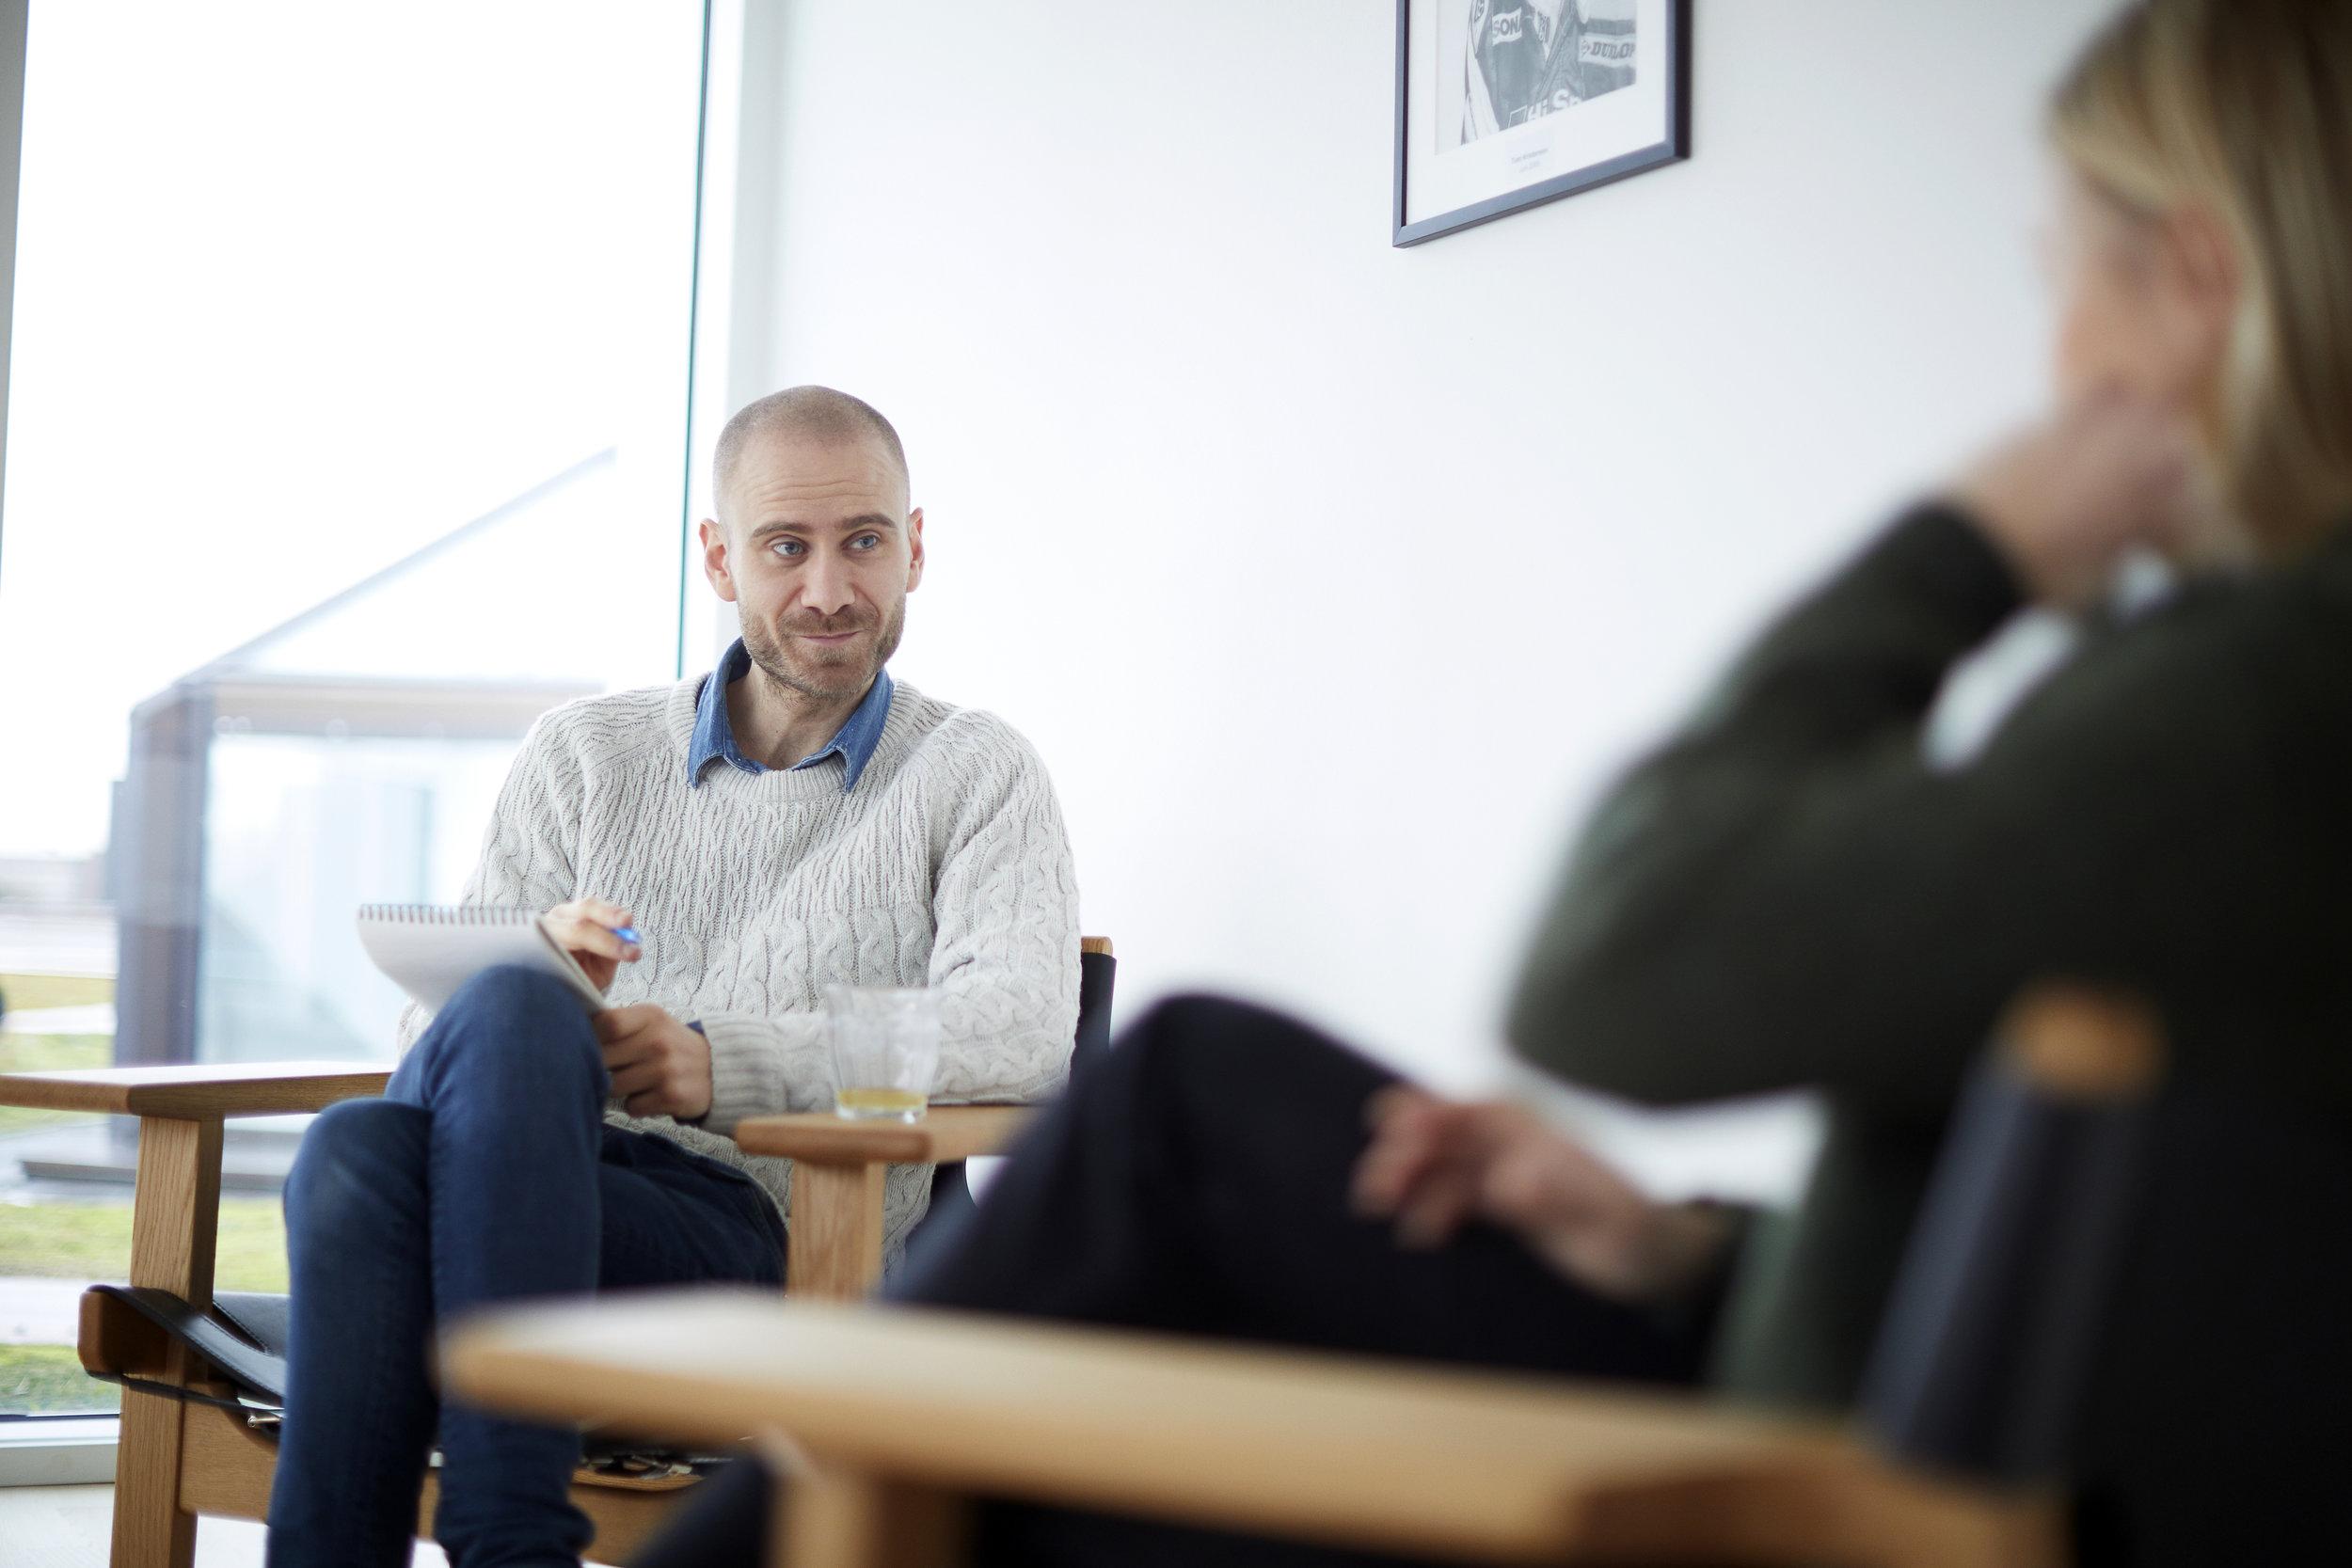 JEG TILBYDER - Forløb for parPar-TjekOnline par-kurserIndividuel terapiFamilierådgivning og familieterapiskilsmisse og fællesforældreansvarNB: Kort ventetid